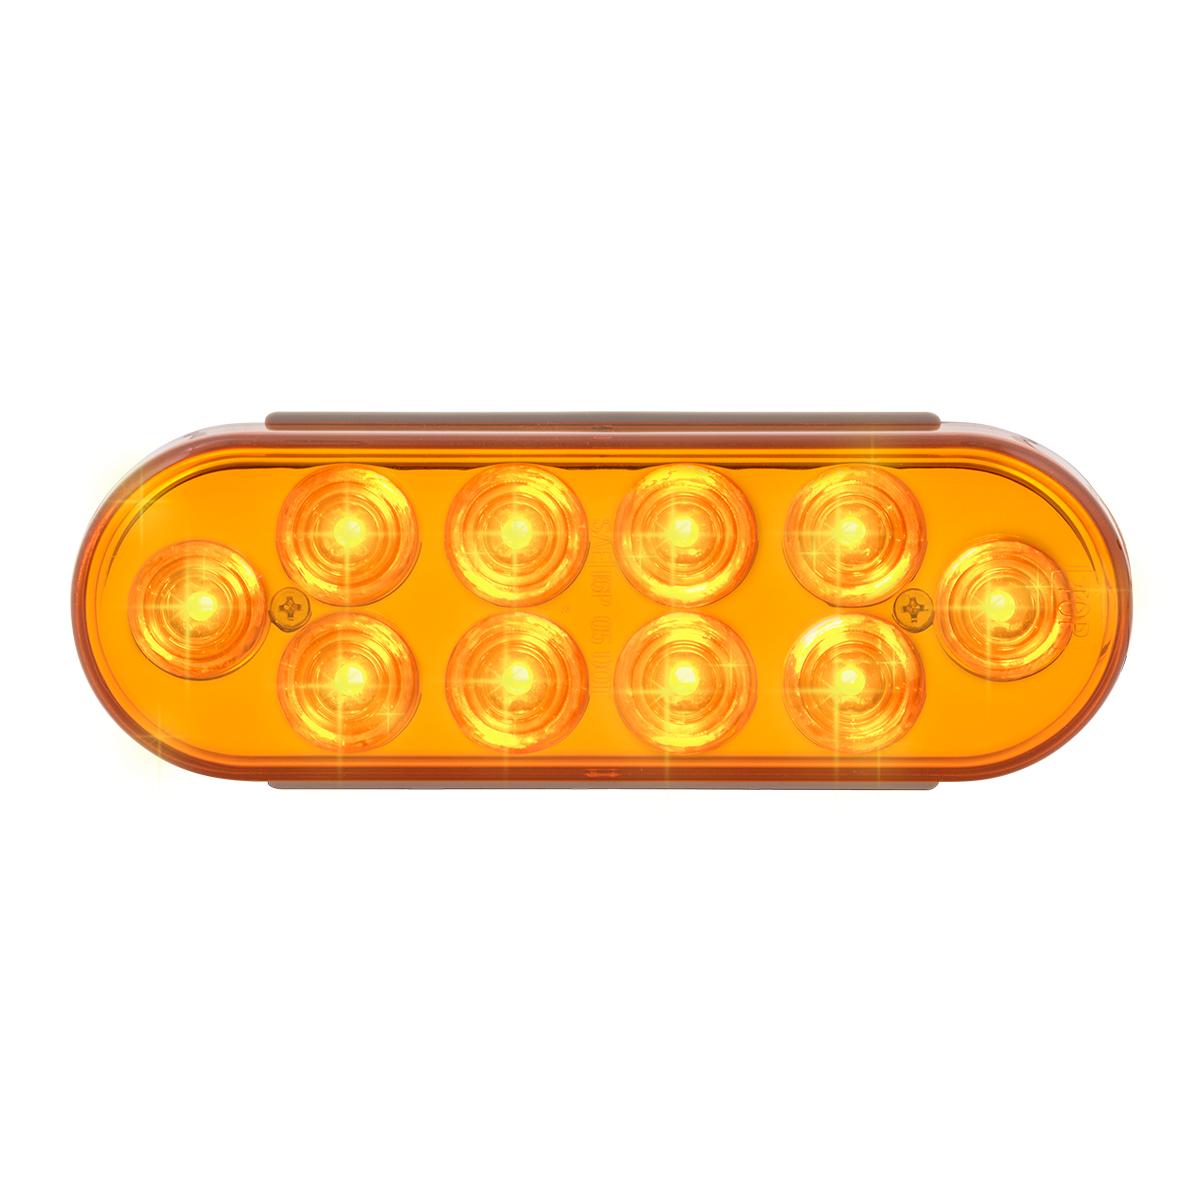 76860 Oval Mega 10 Plus LED Light in Amber/Amber